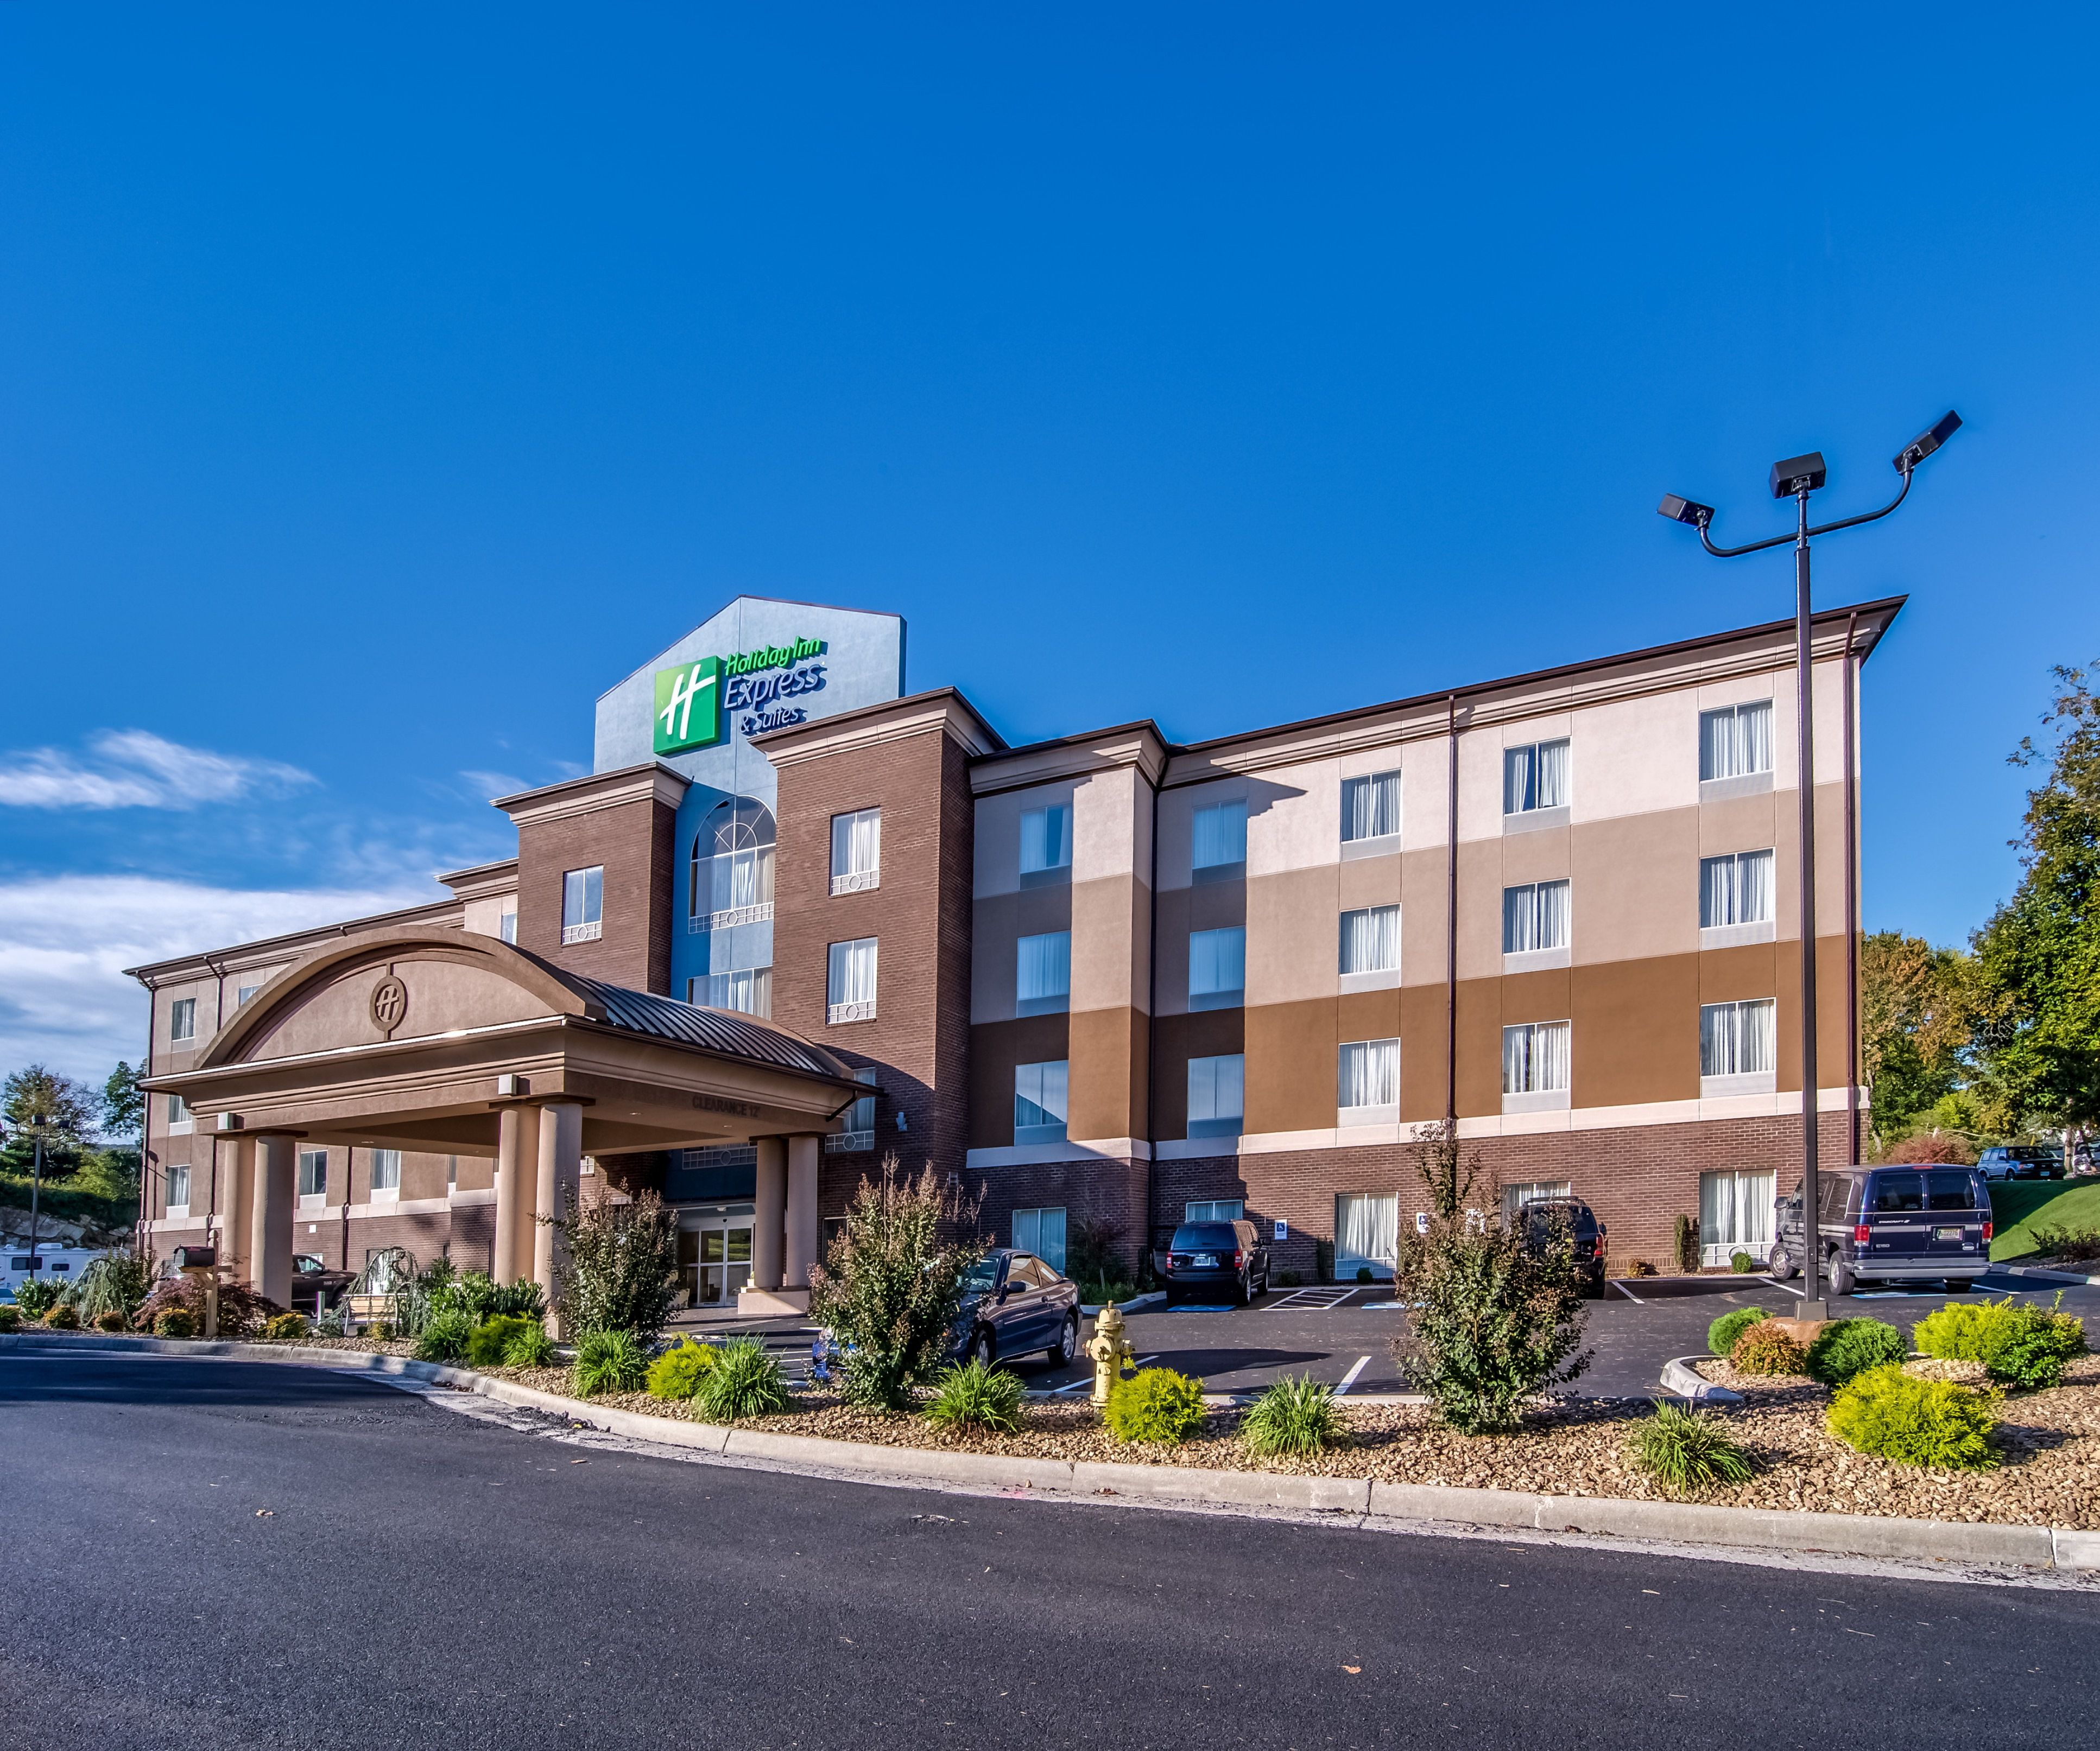 Hotels Near Wytheville Va